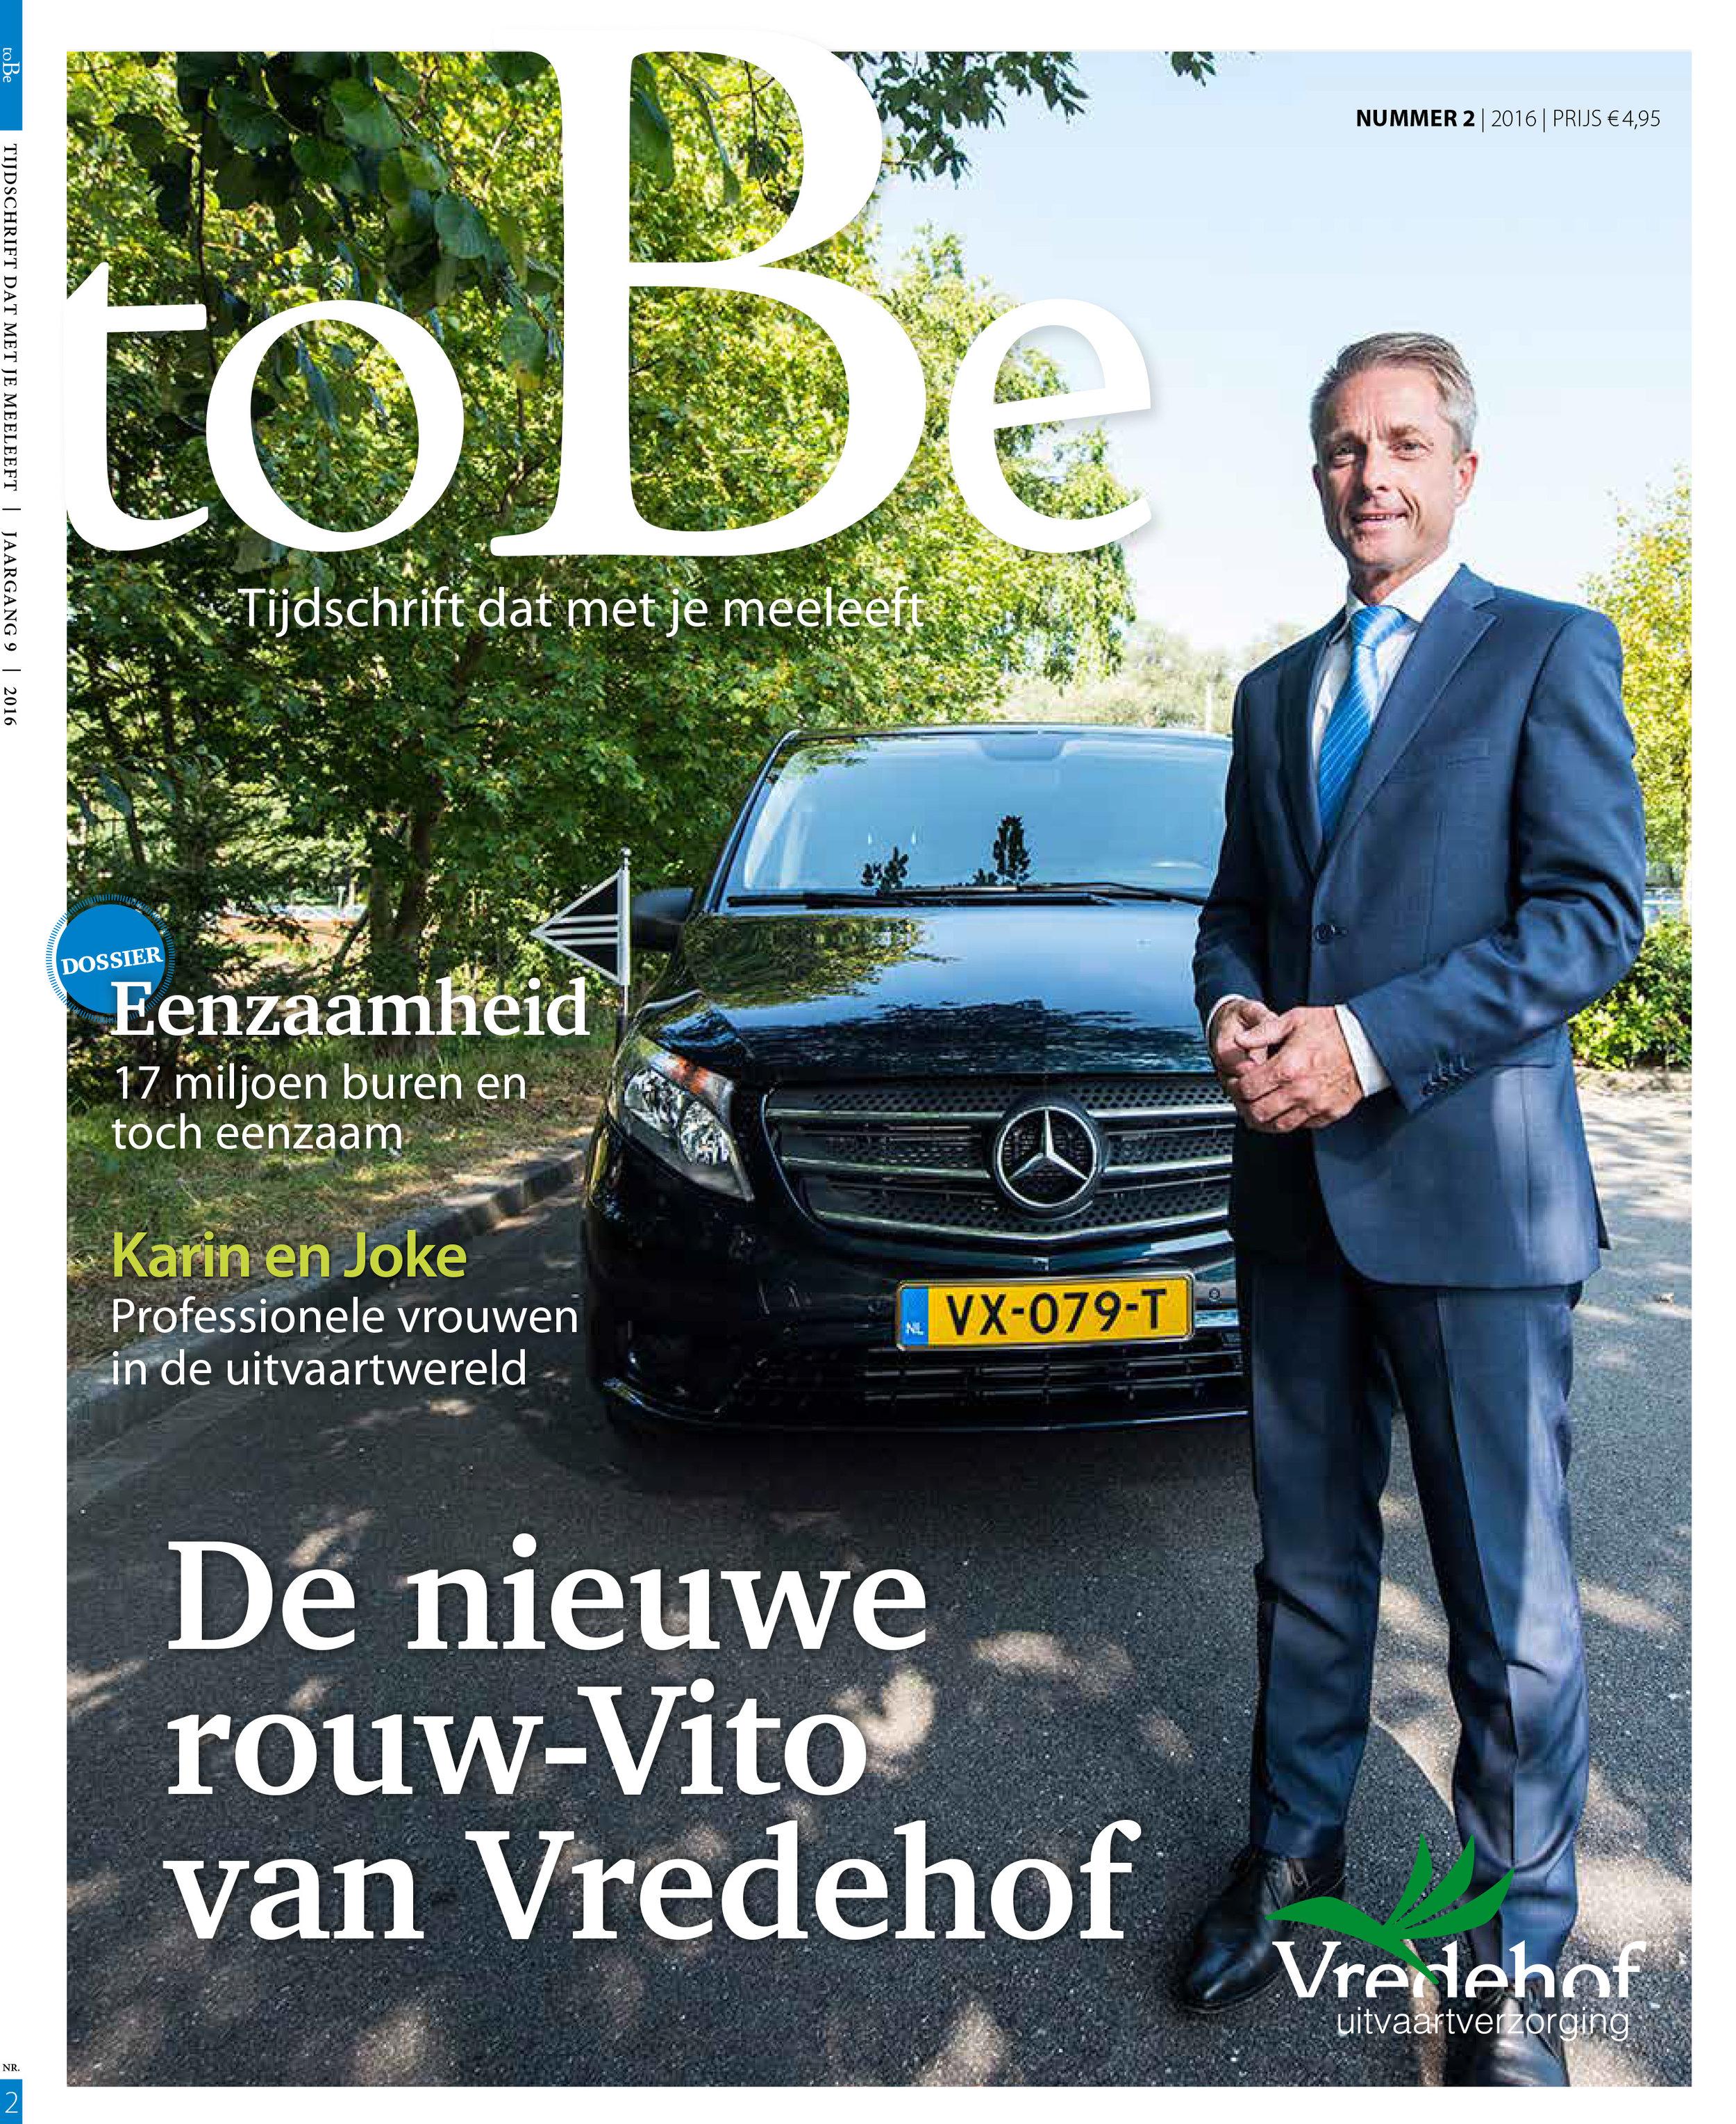 toBe0216_Vredehof_low-1.jpg